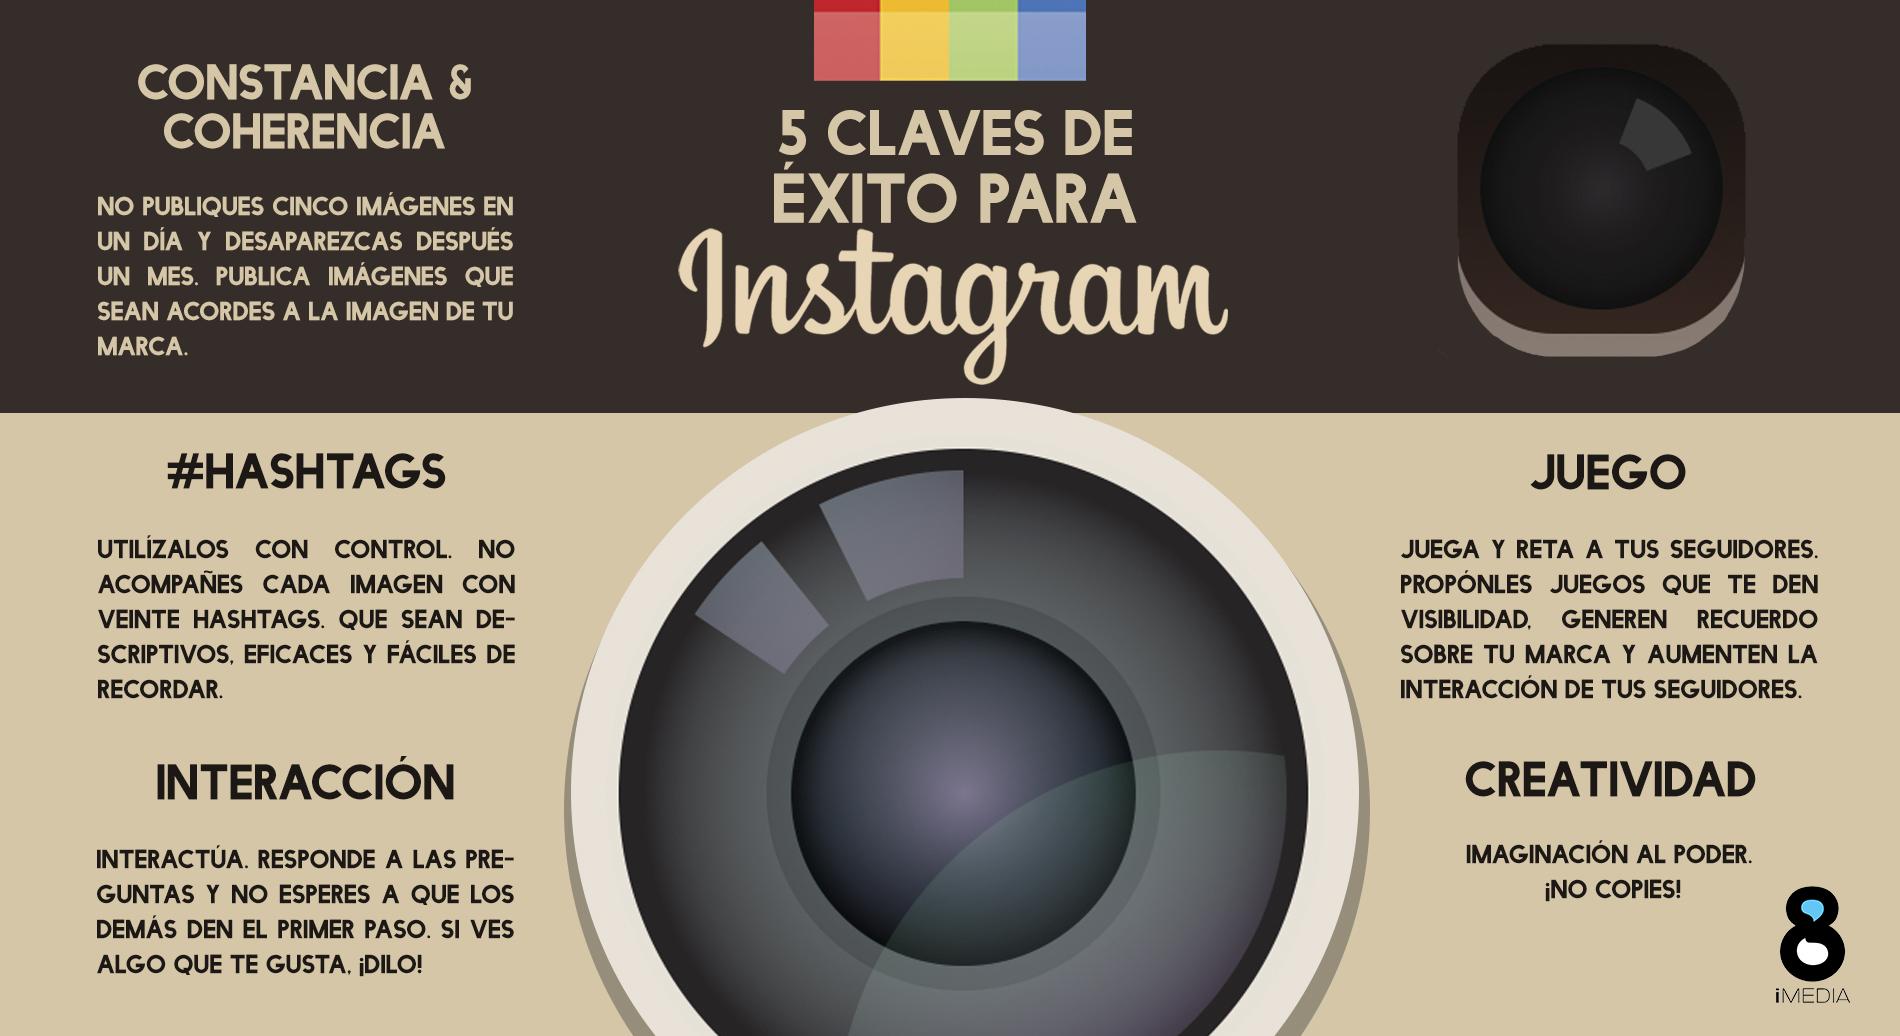 Nuevo algoritmo de Instagram. Recursos creativos